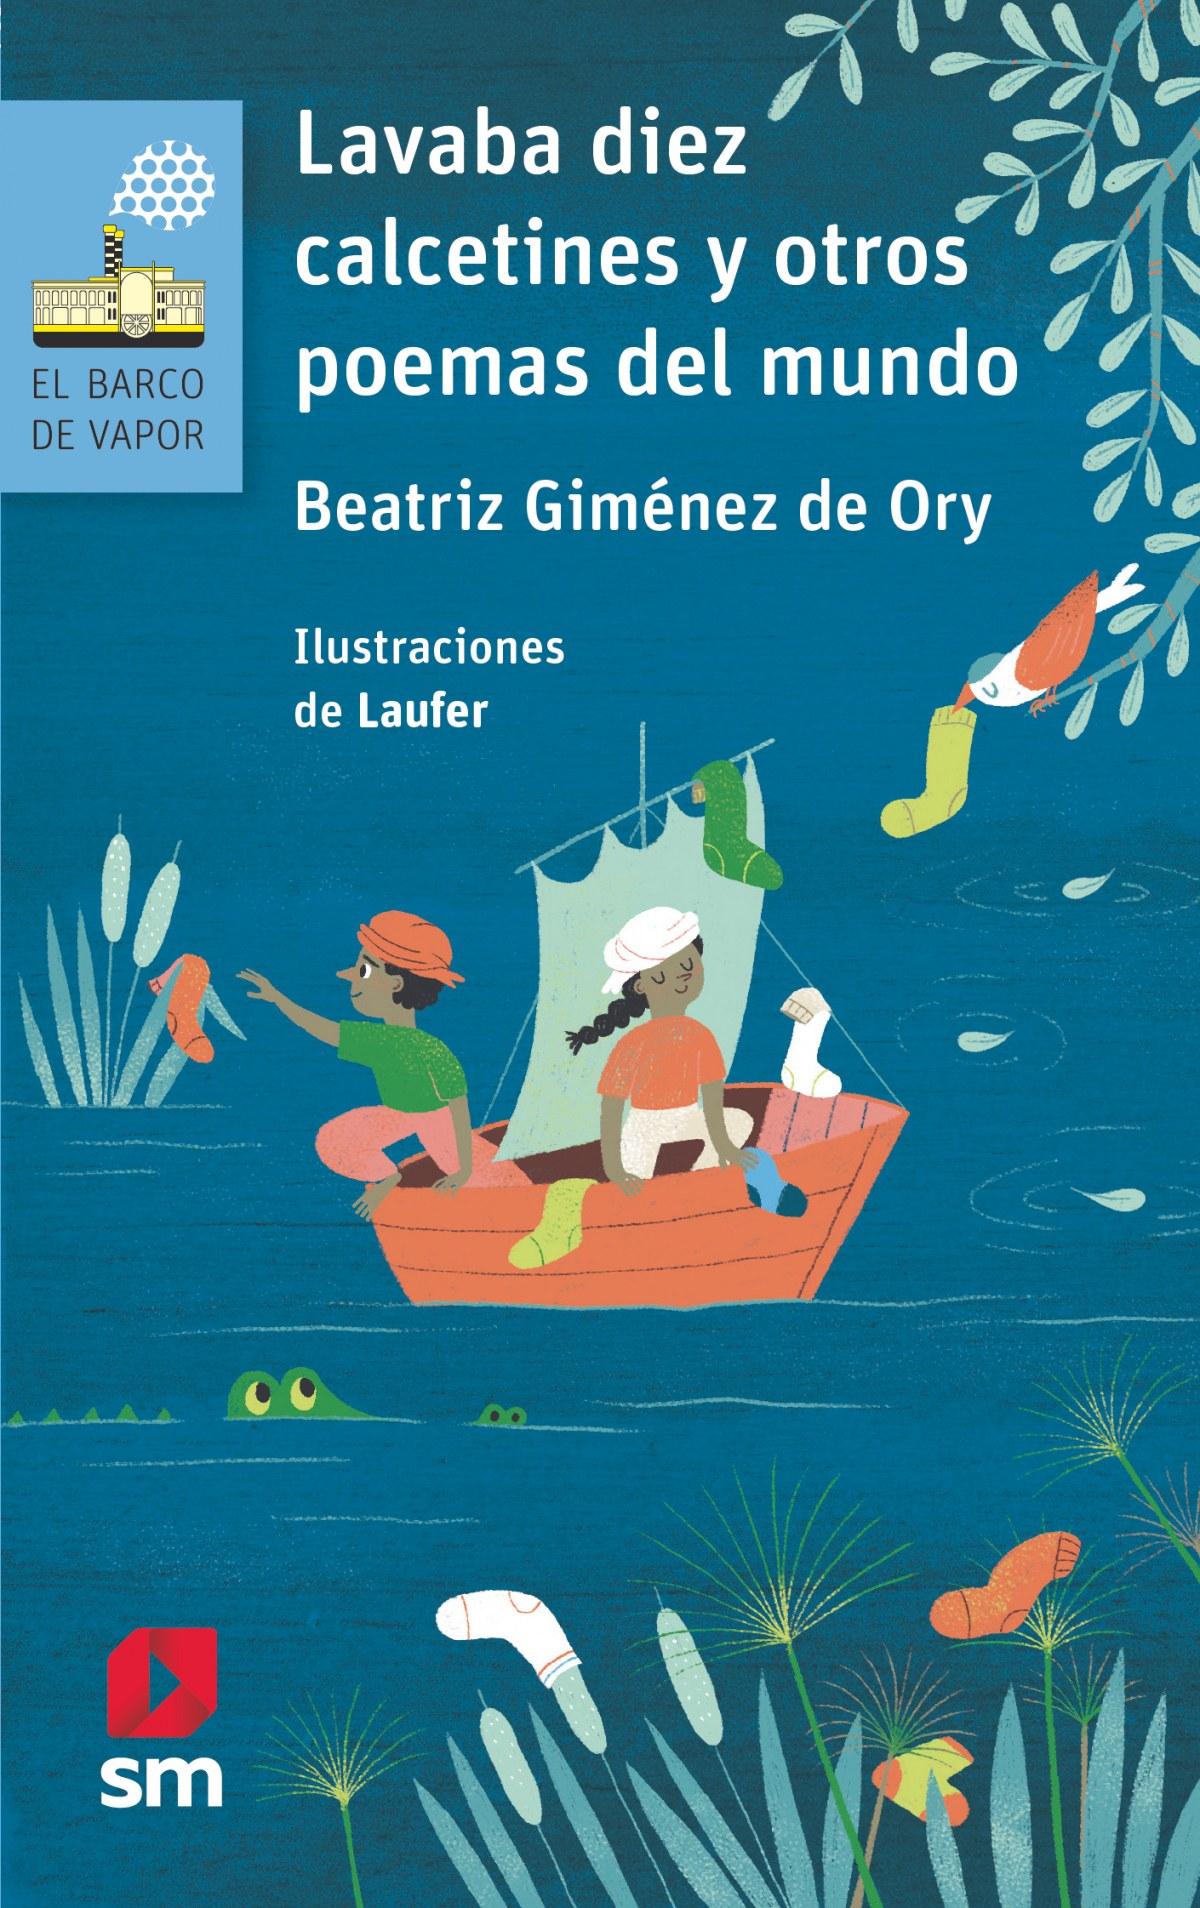 Lavaba diez calcetines y otros poemas del mundo